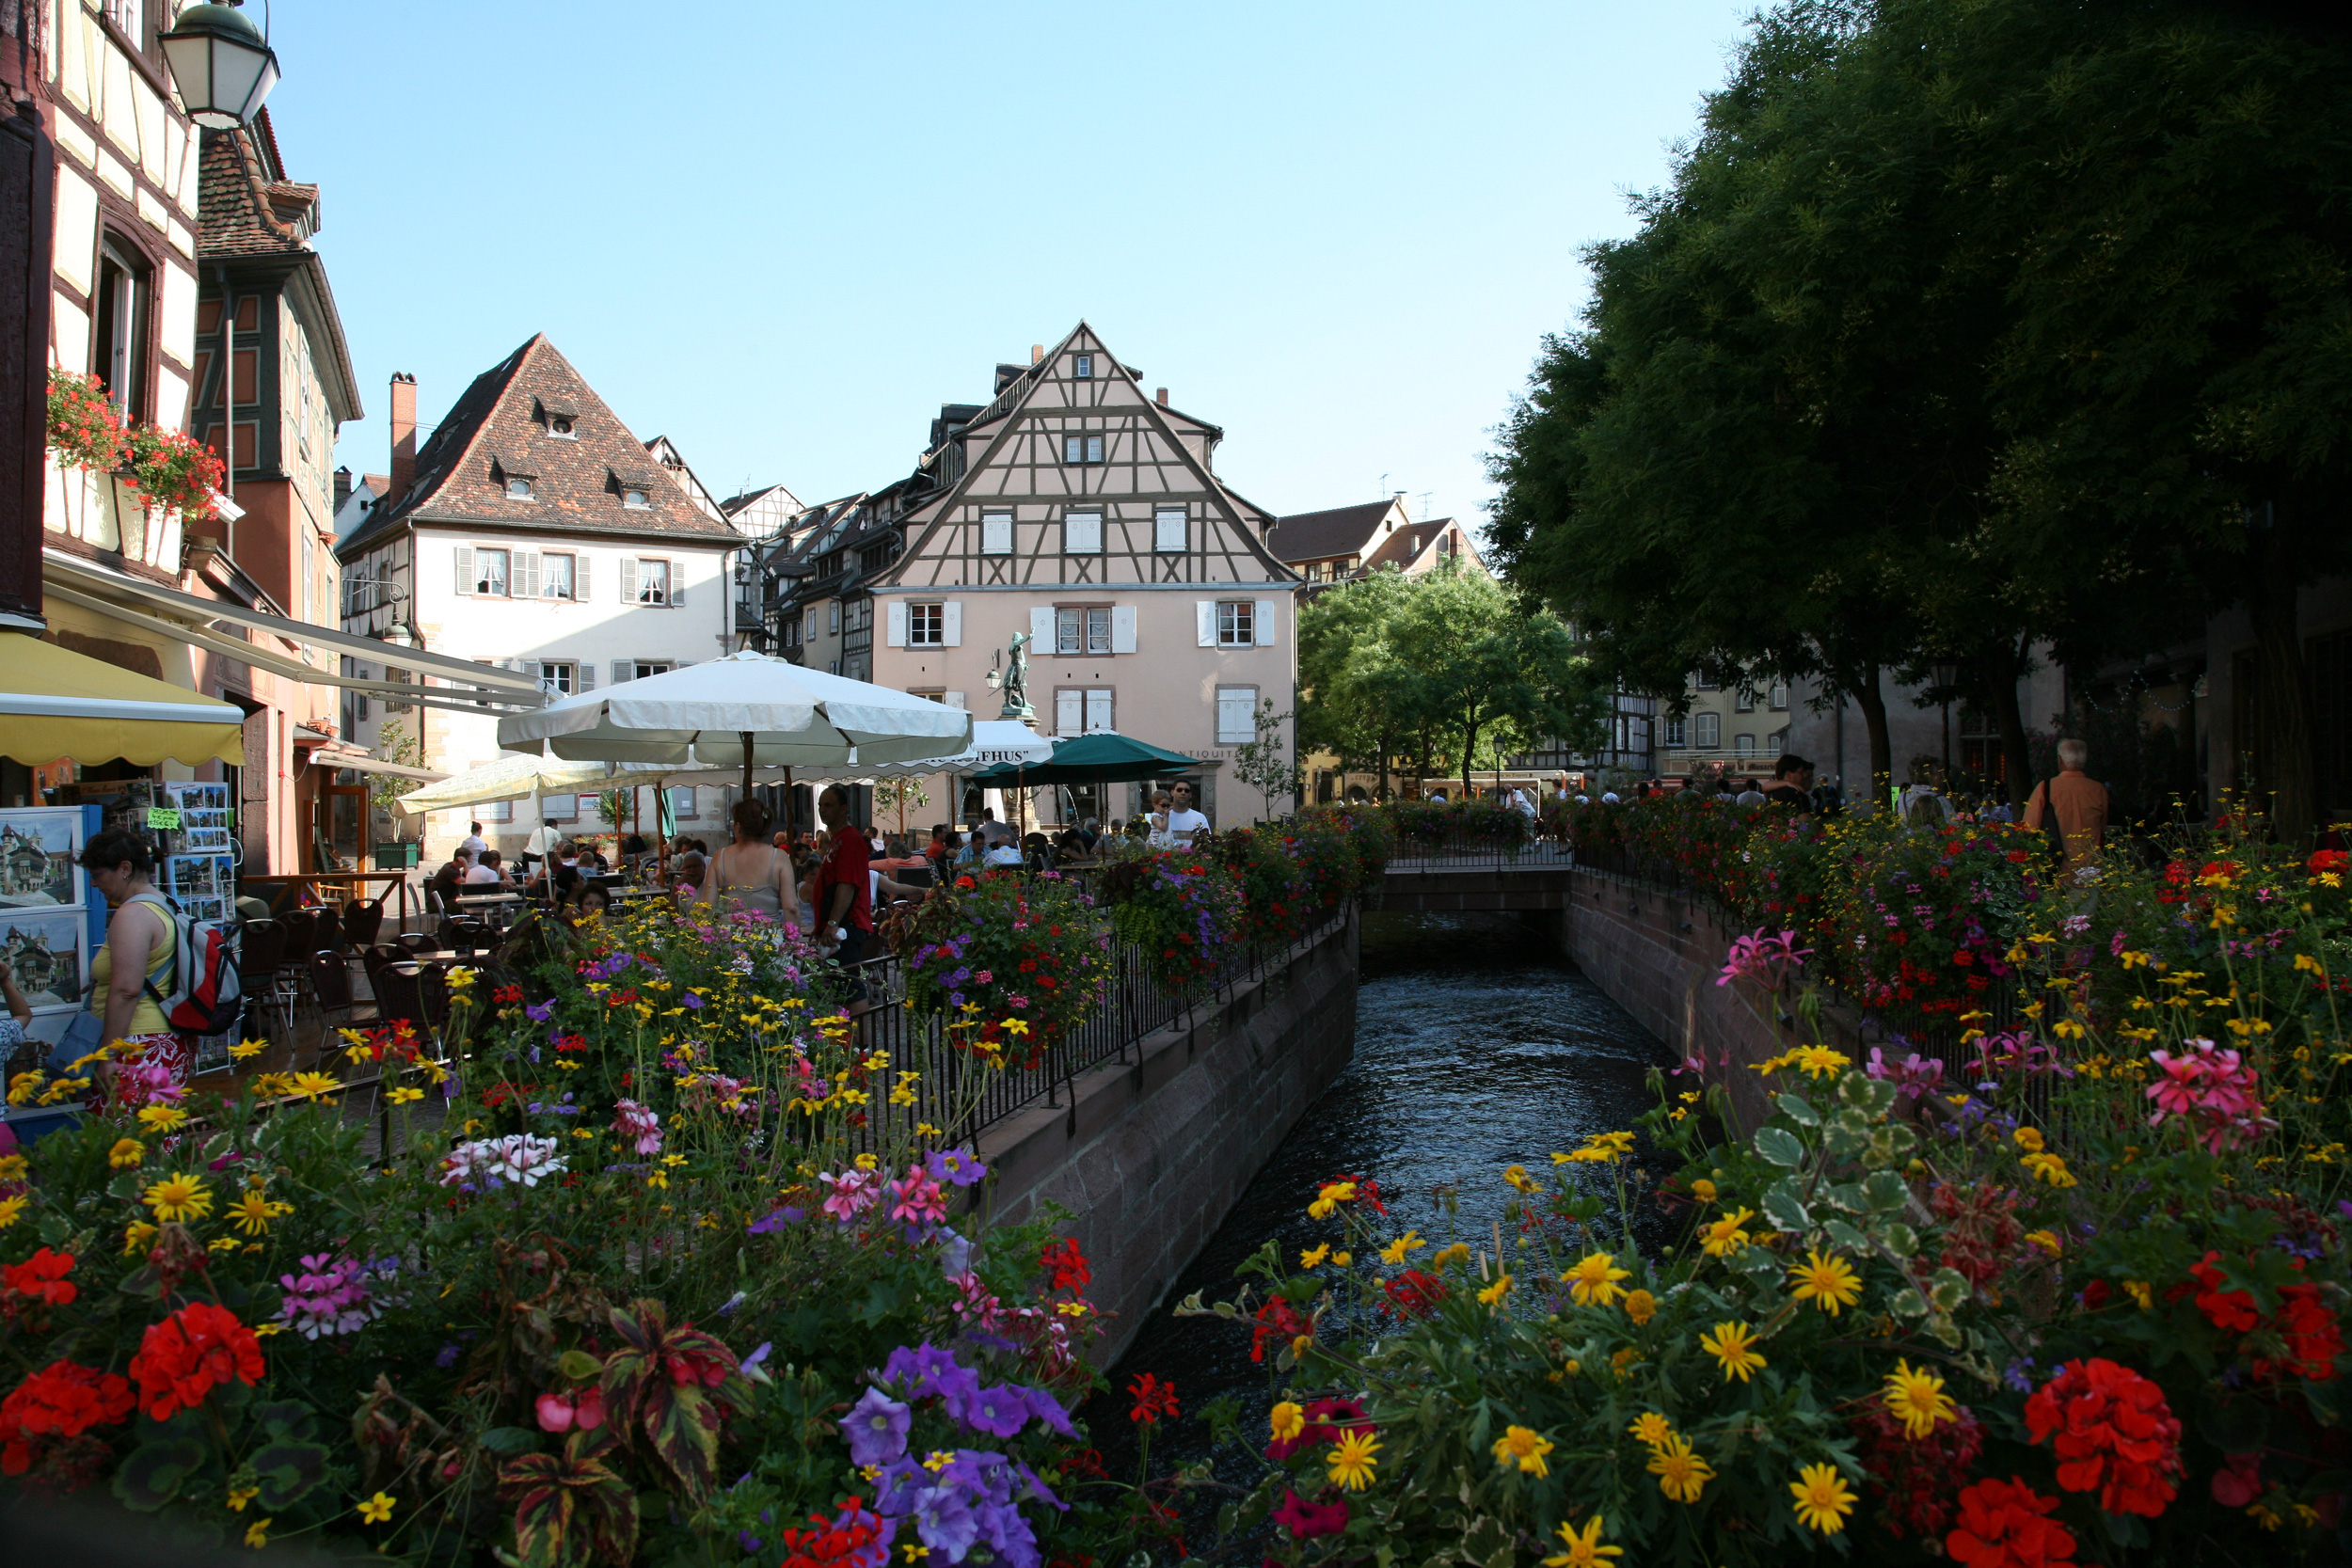 Place de l'Ancienne Douane à Colmar - © Estelle Tschan